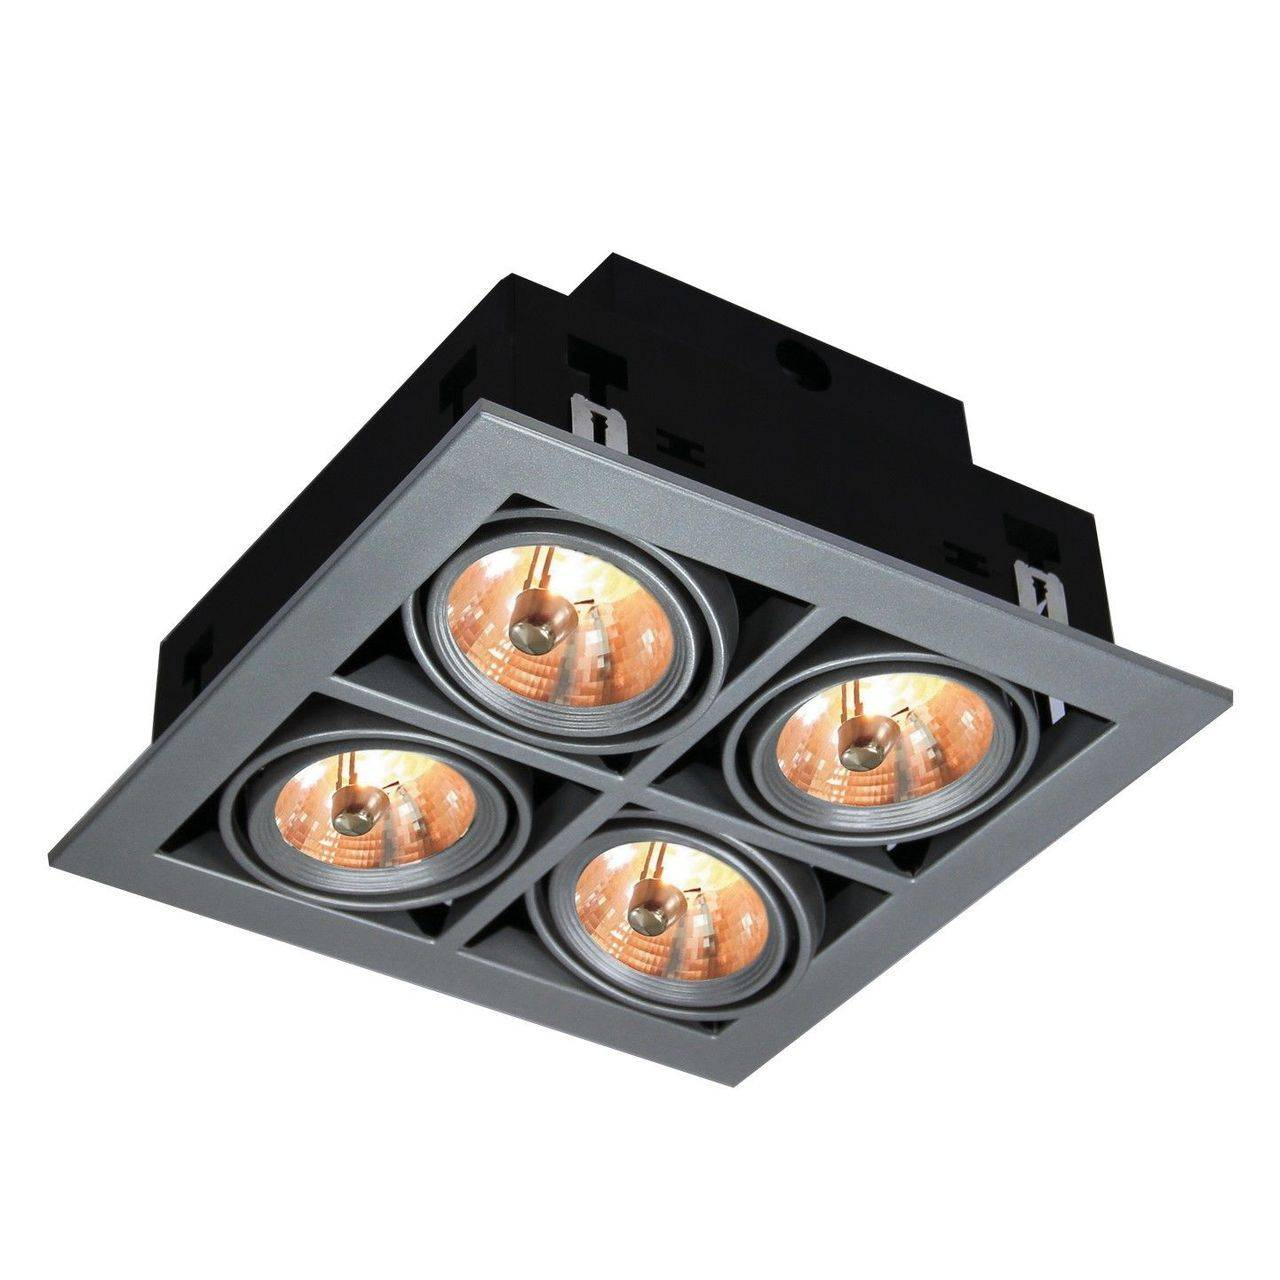 Встраиваемый светильник Arte Lamp, G5.3, 200 Вт встраиваемый светильник arte lamp cardani a5930pl 4bk